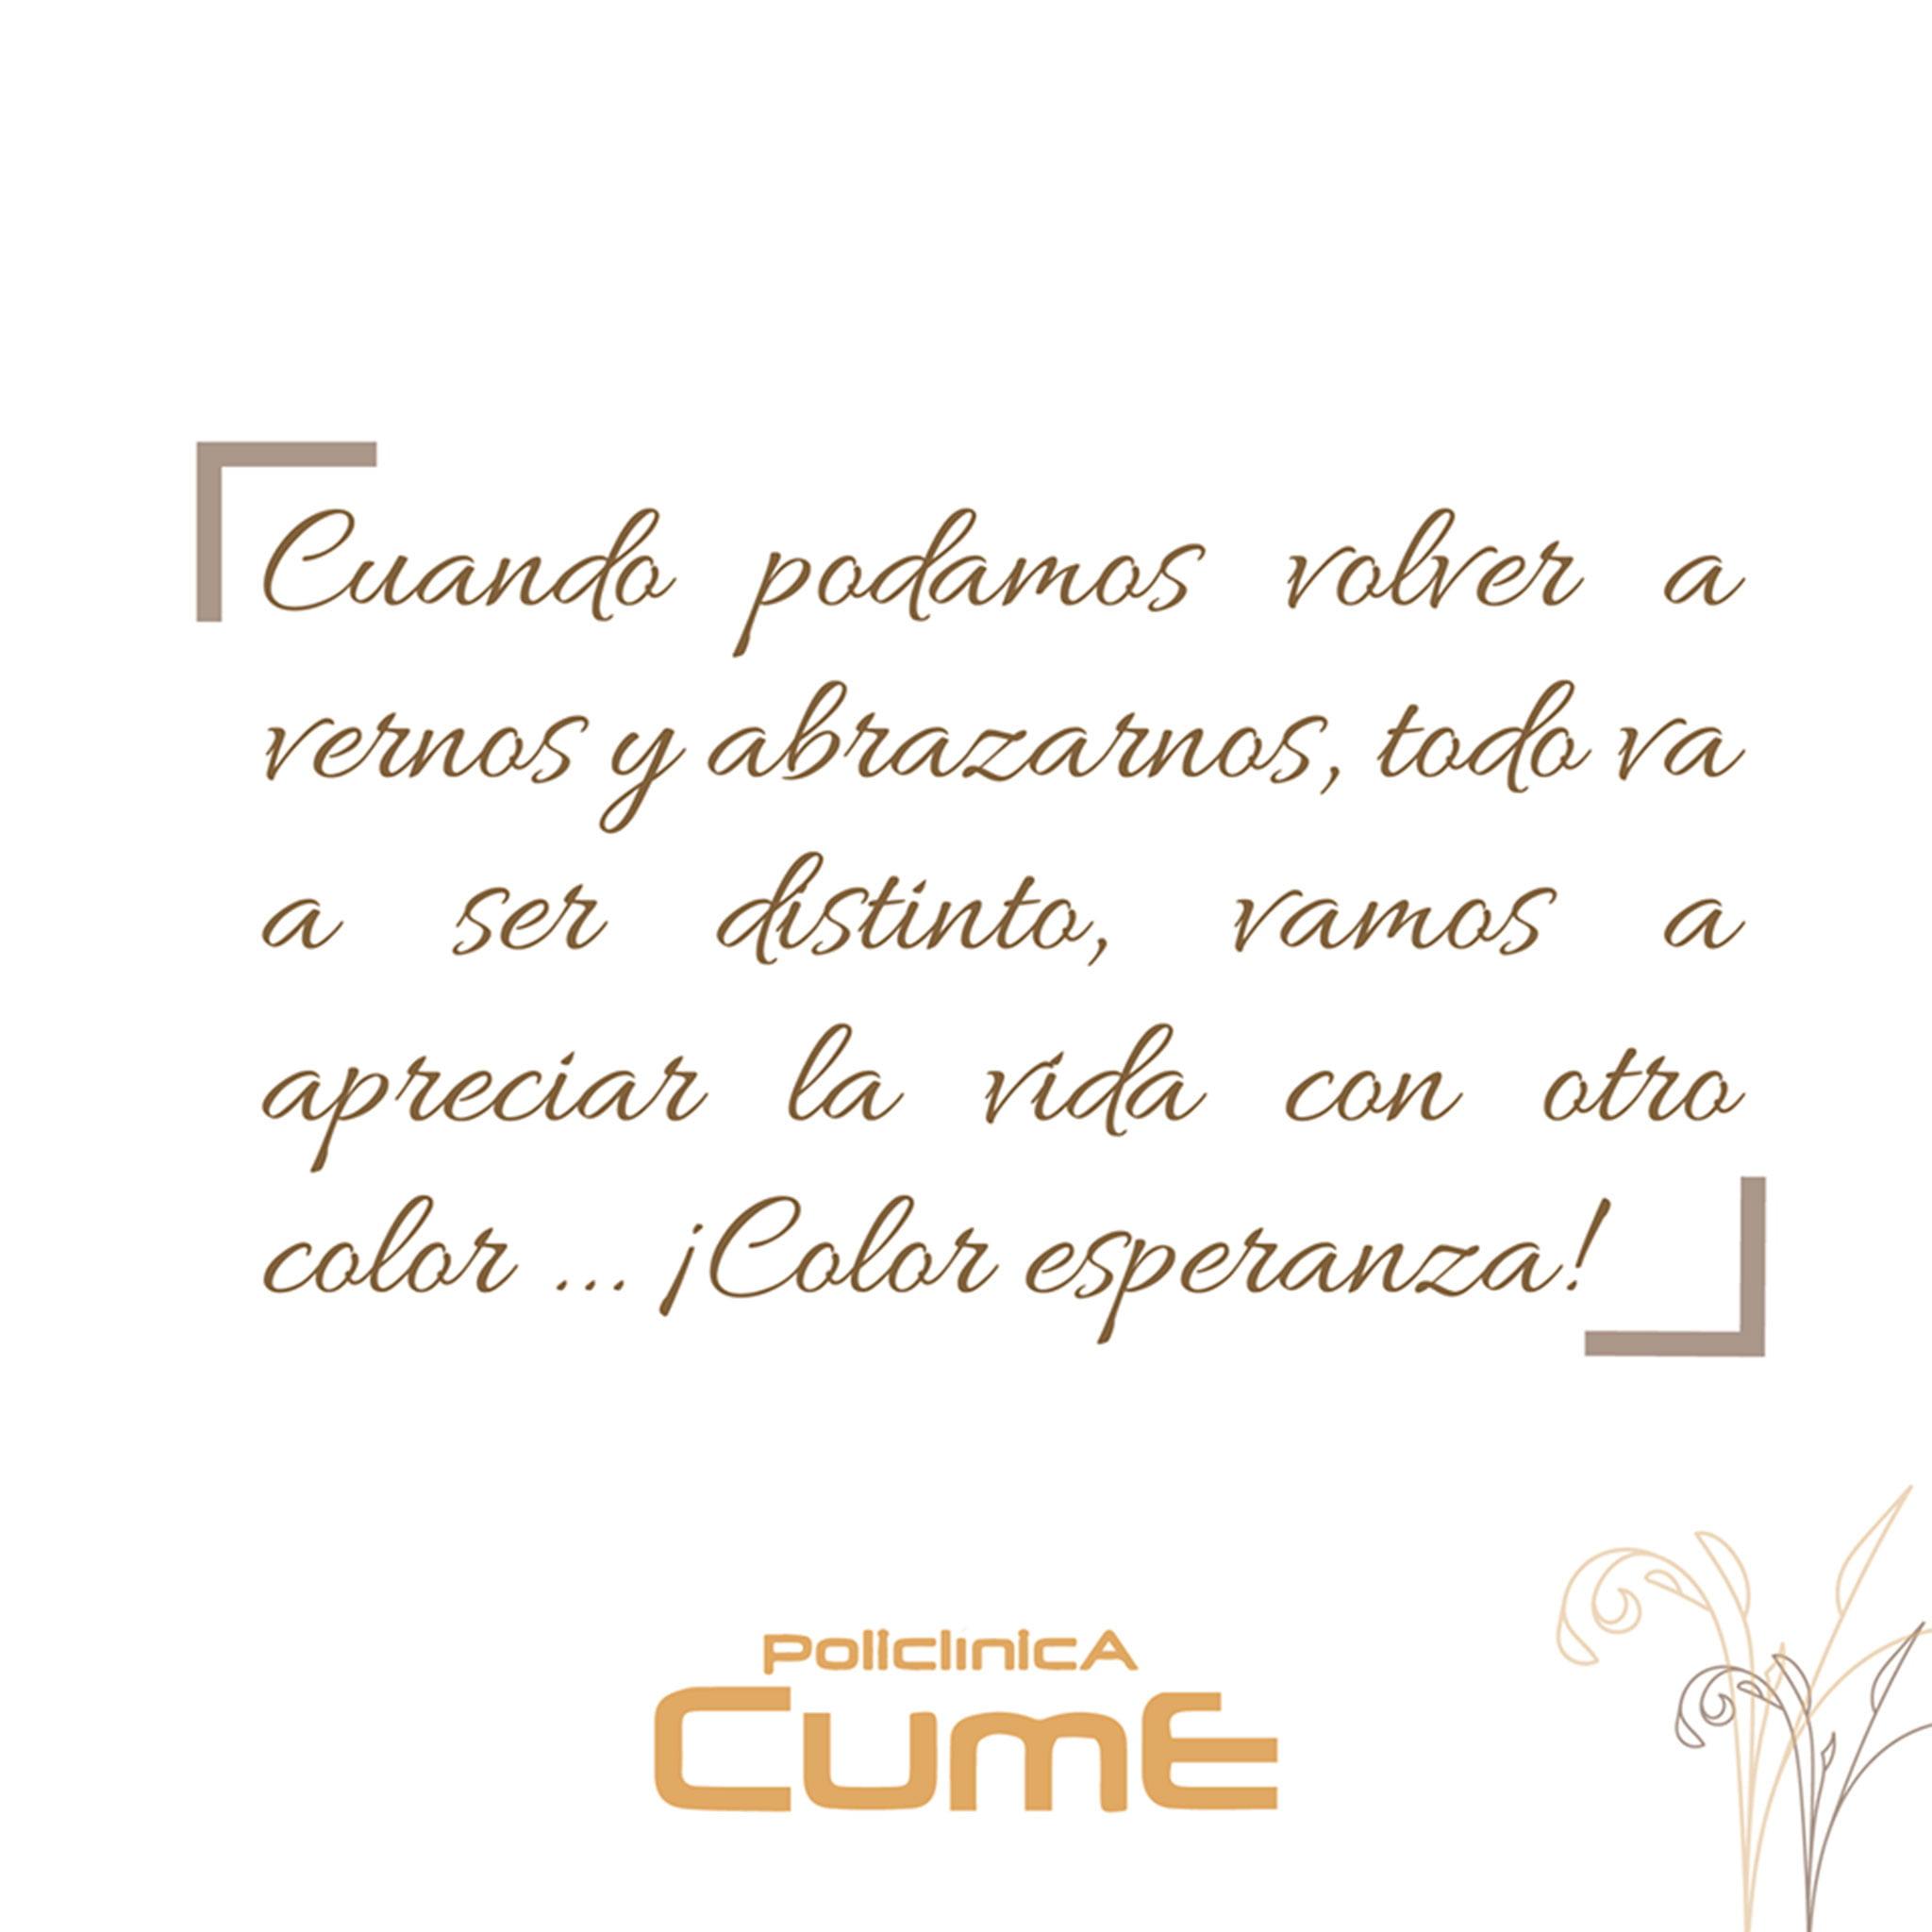 CUME Поликлиника Facebook Post